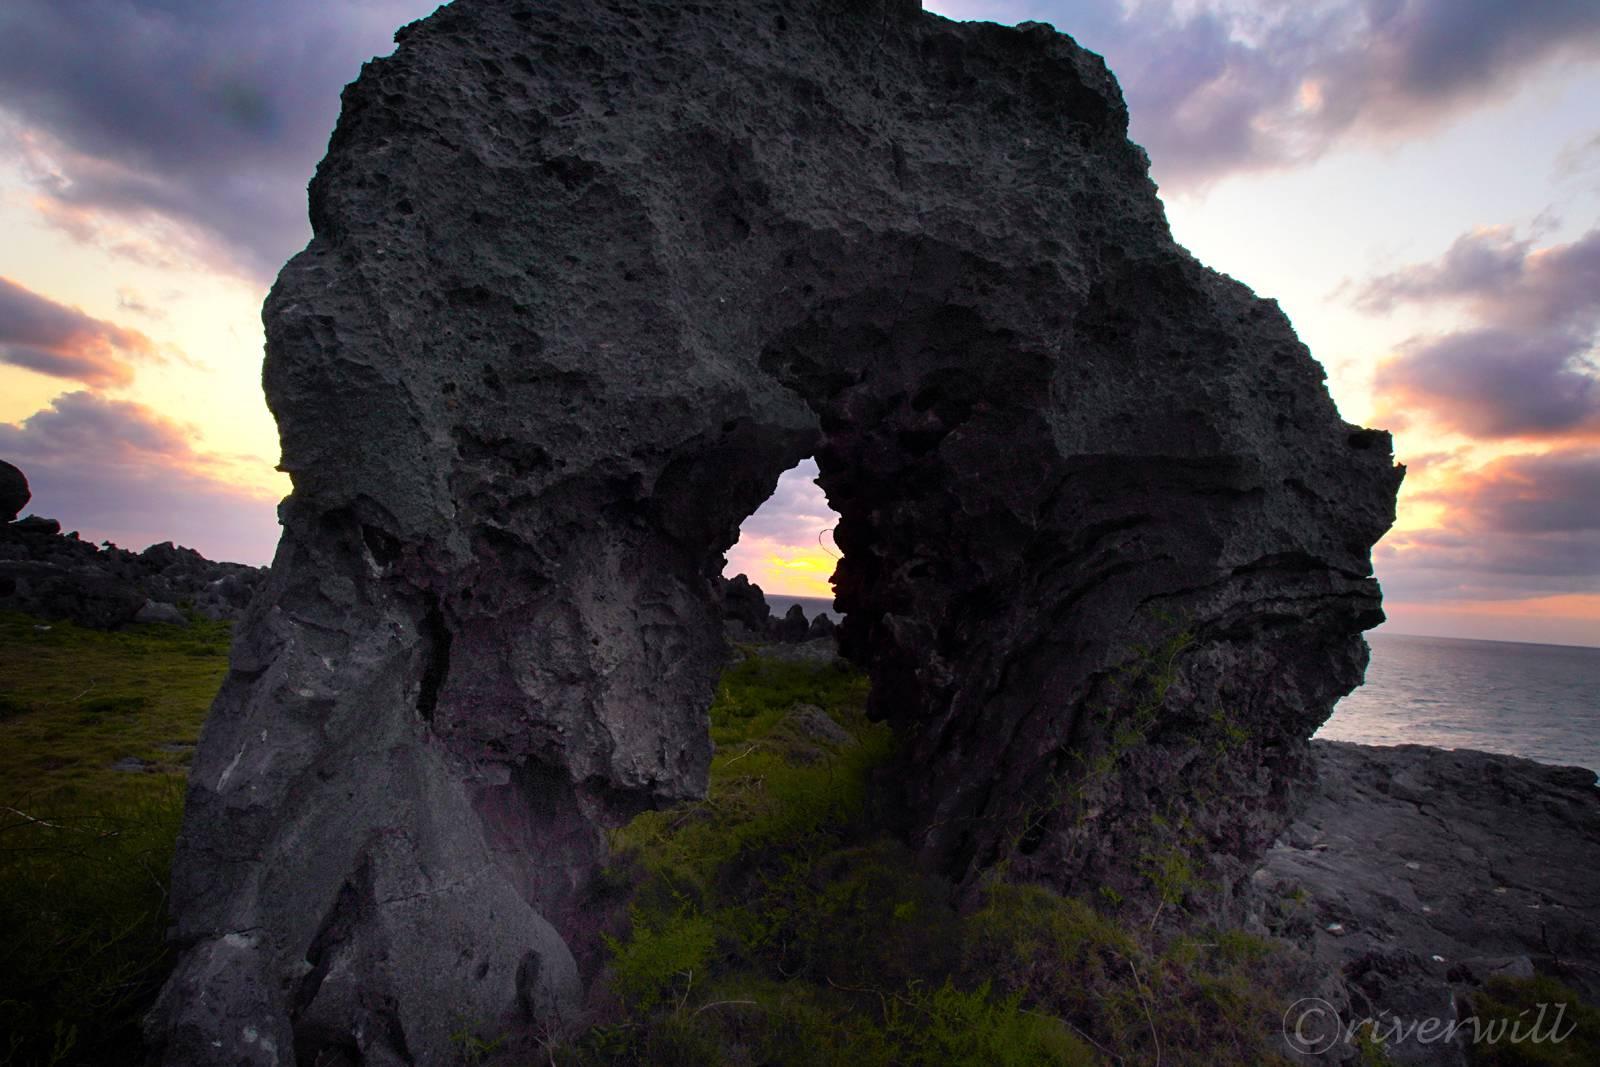 奇岩と夕日のコラボ